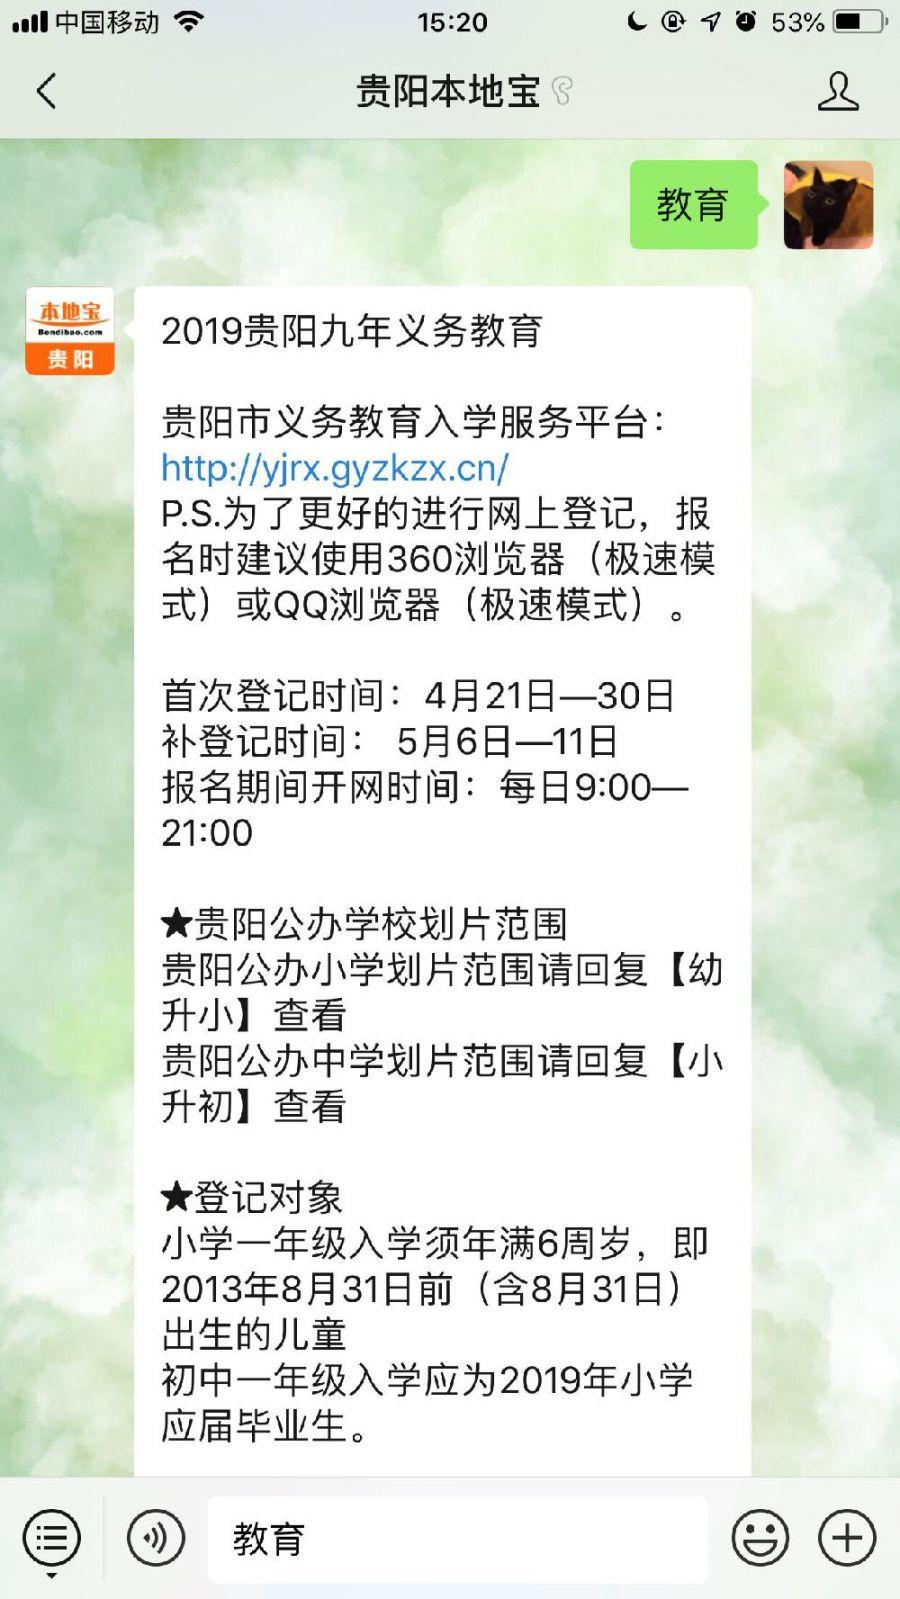 2019贵阳花溪区有哪些公办小学?